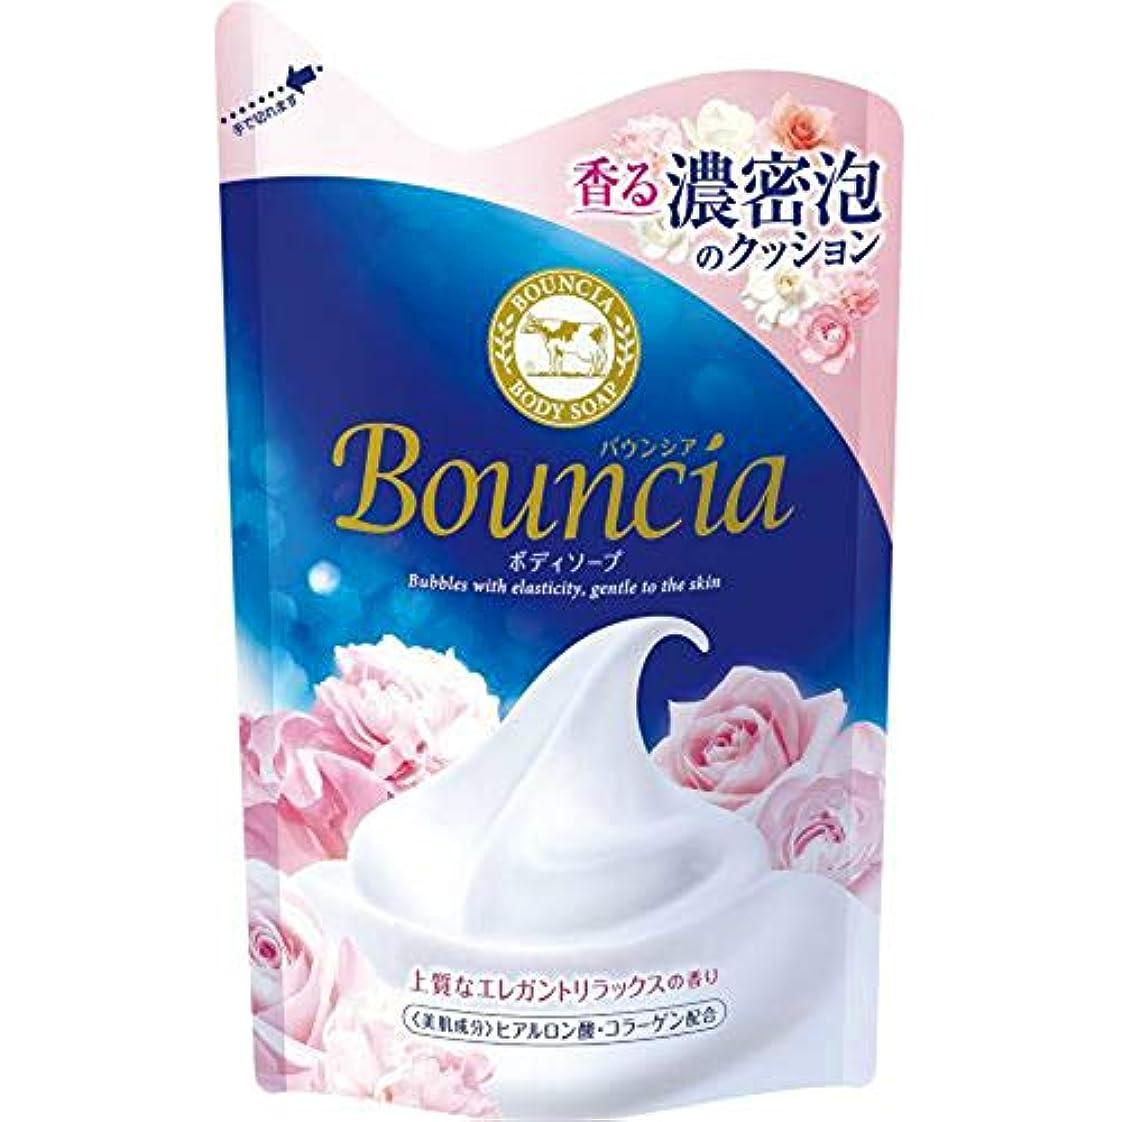 計り知れない贅沢な遠えバウンシア ボディソープ エレガントリラックスの香り 詰替え 430mL